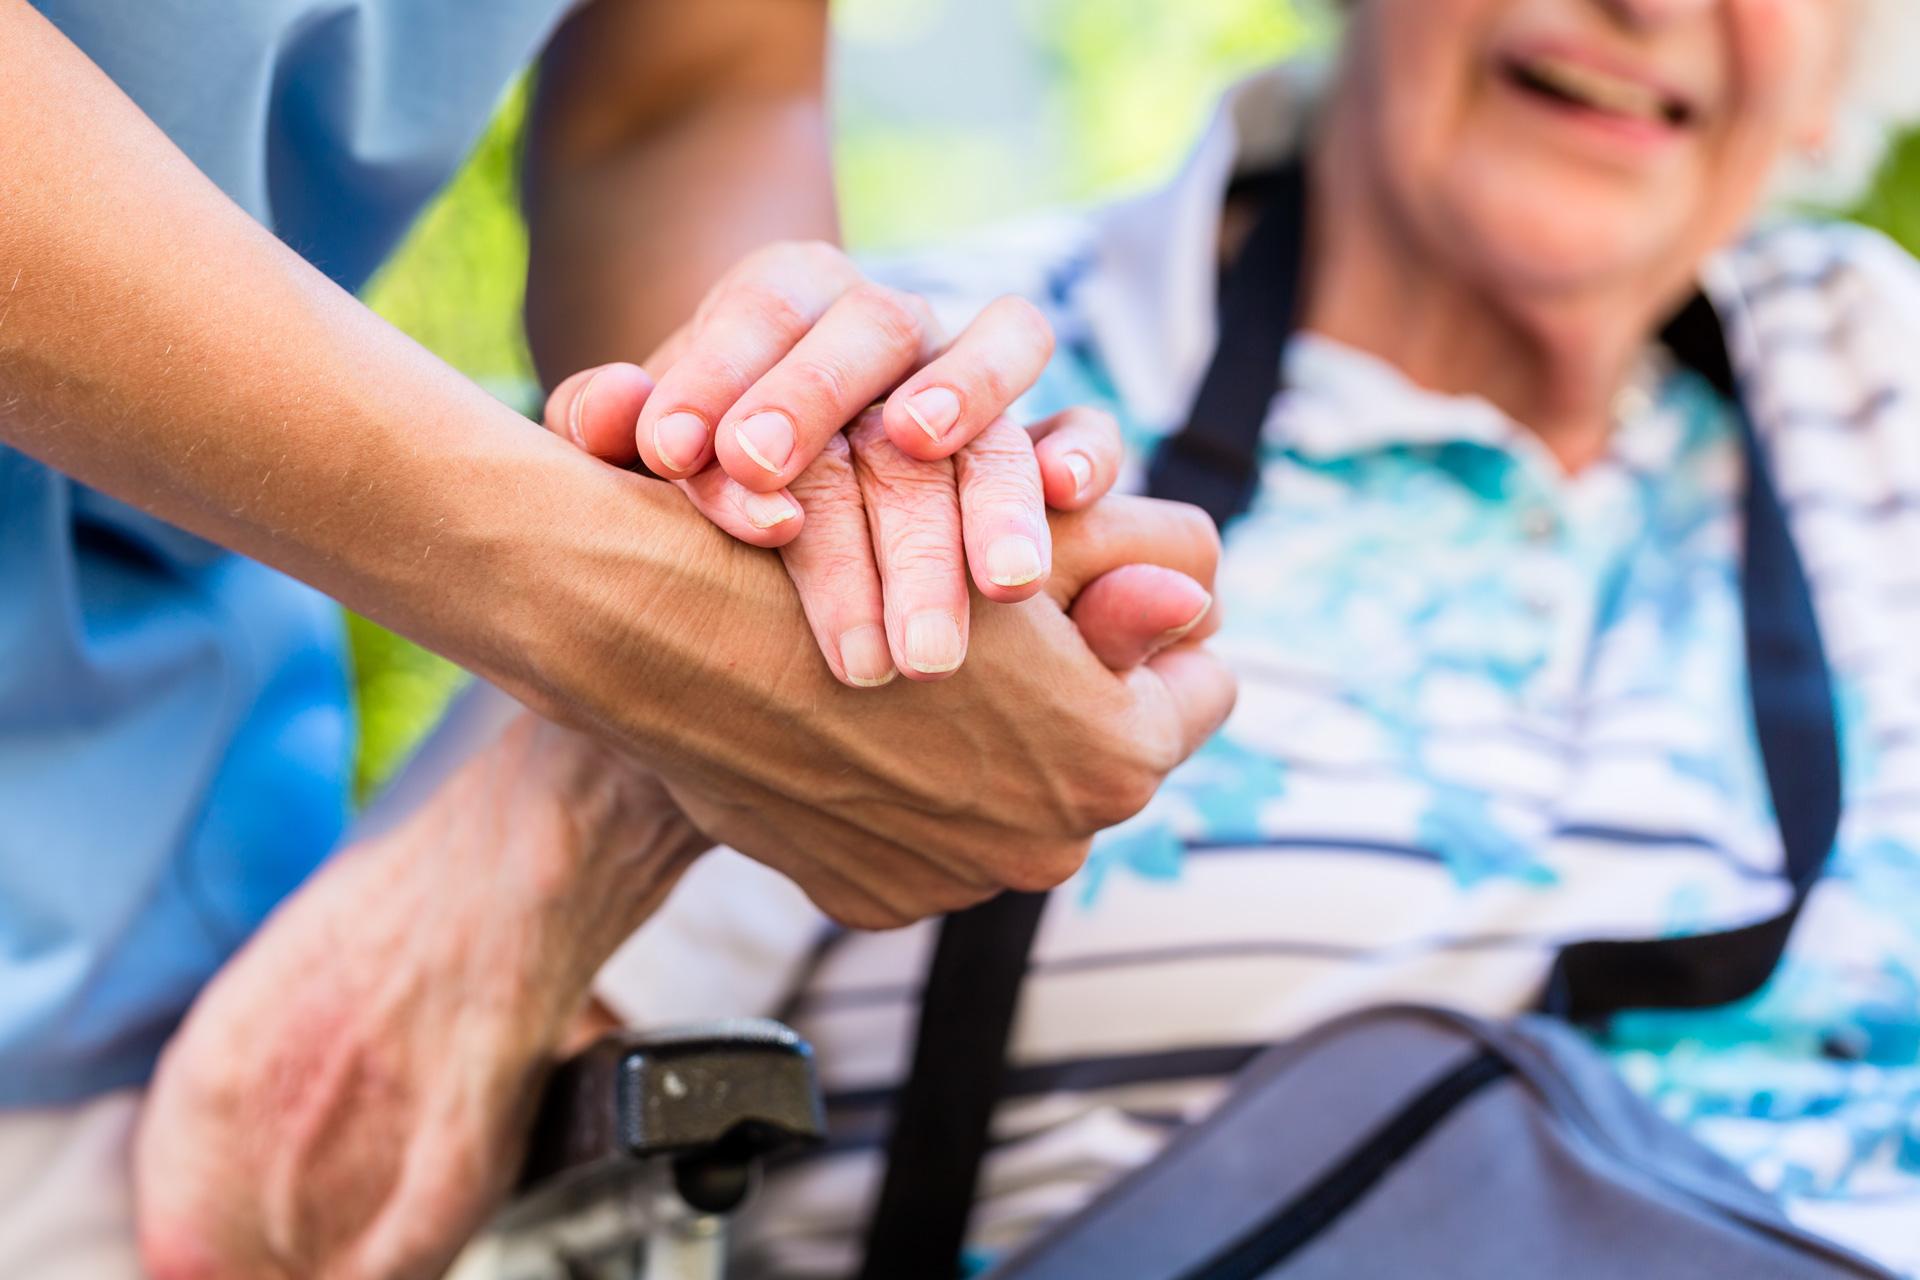 Wir bieten Dir als examinierte Pflegekraft: